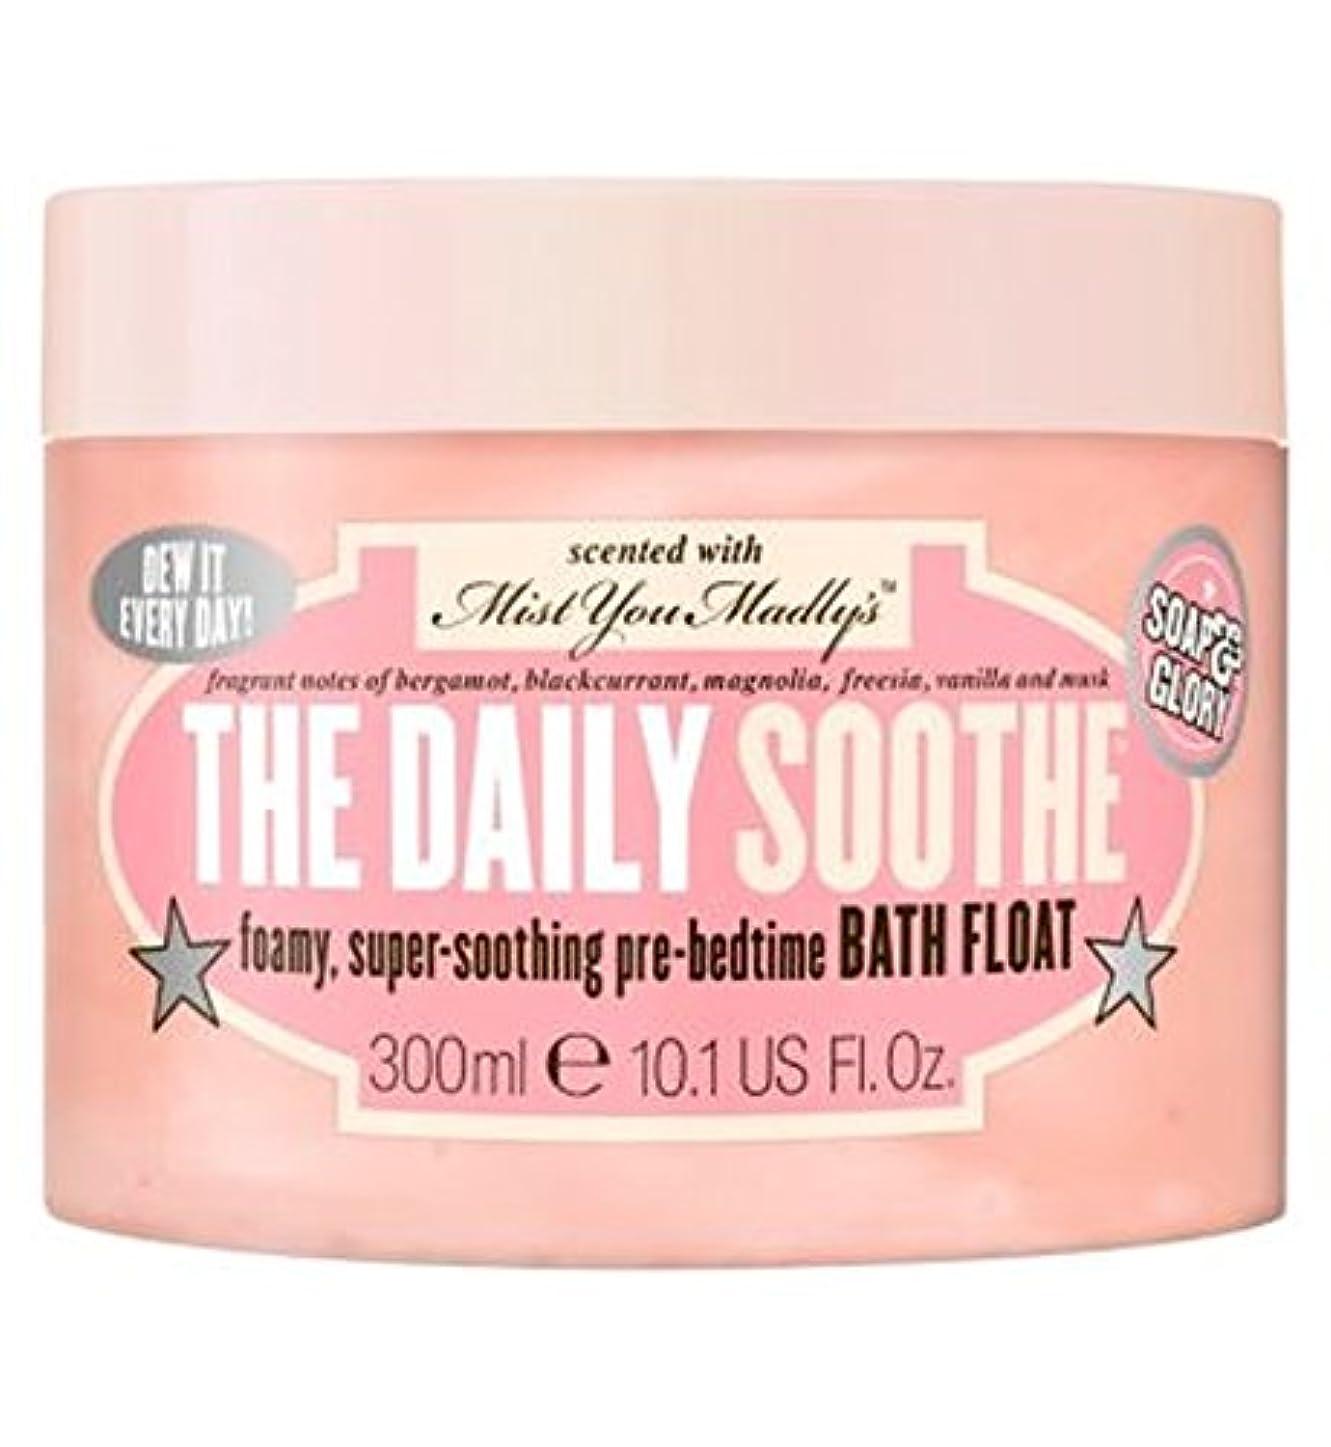 蚊フォルダ豆Soap & Glory The Daily Soothe Bath Float - 石鹸&栄光毎日癒すバスフロート (Soap & Glory) [並行輸入品]